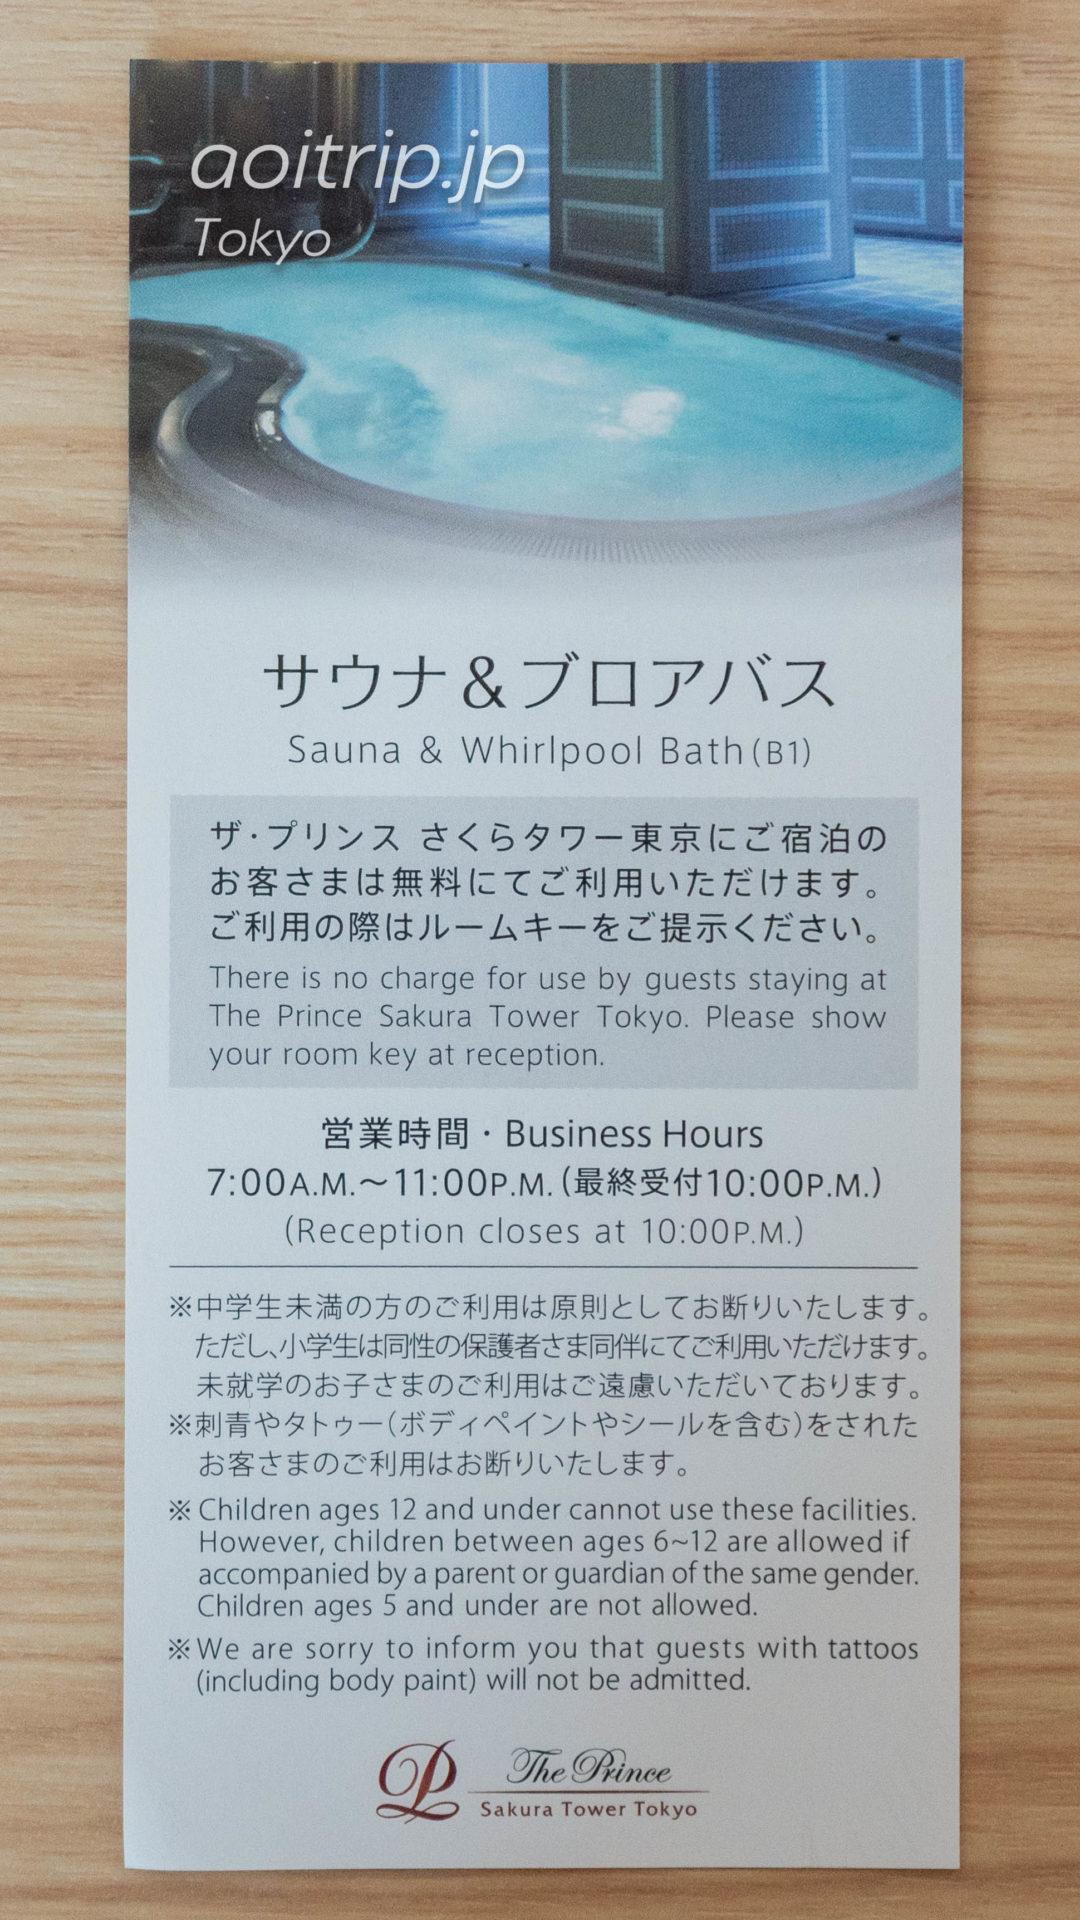 ザ プリンス さくらタワー東京のサウン・ブロアバス